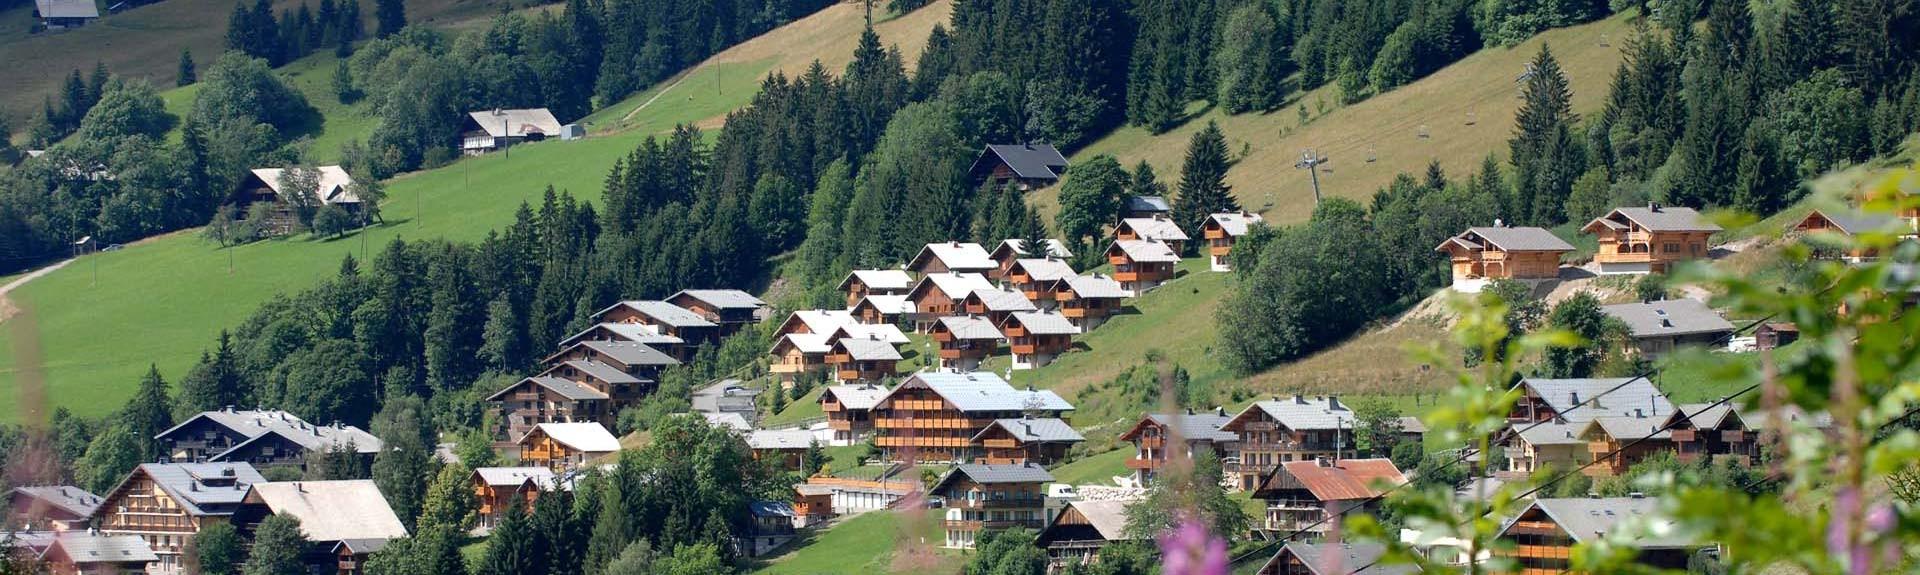 Les centres de vacances, hôtels pour groupe